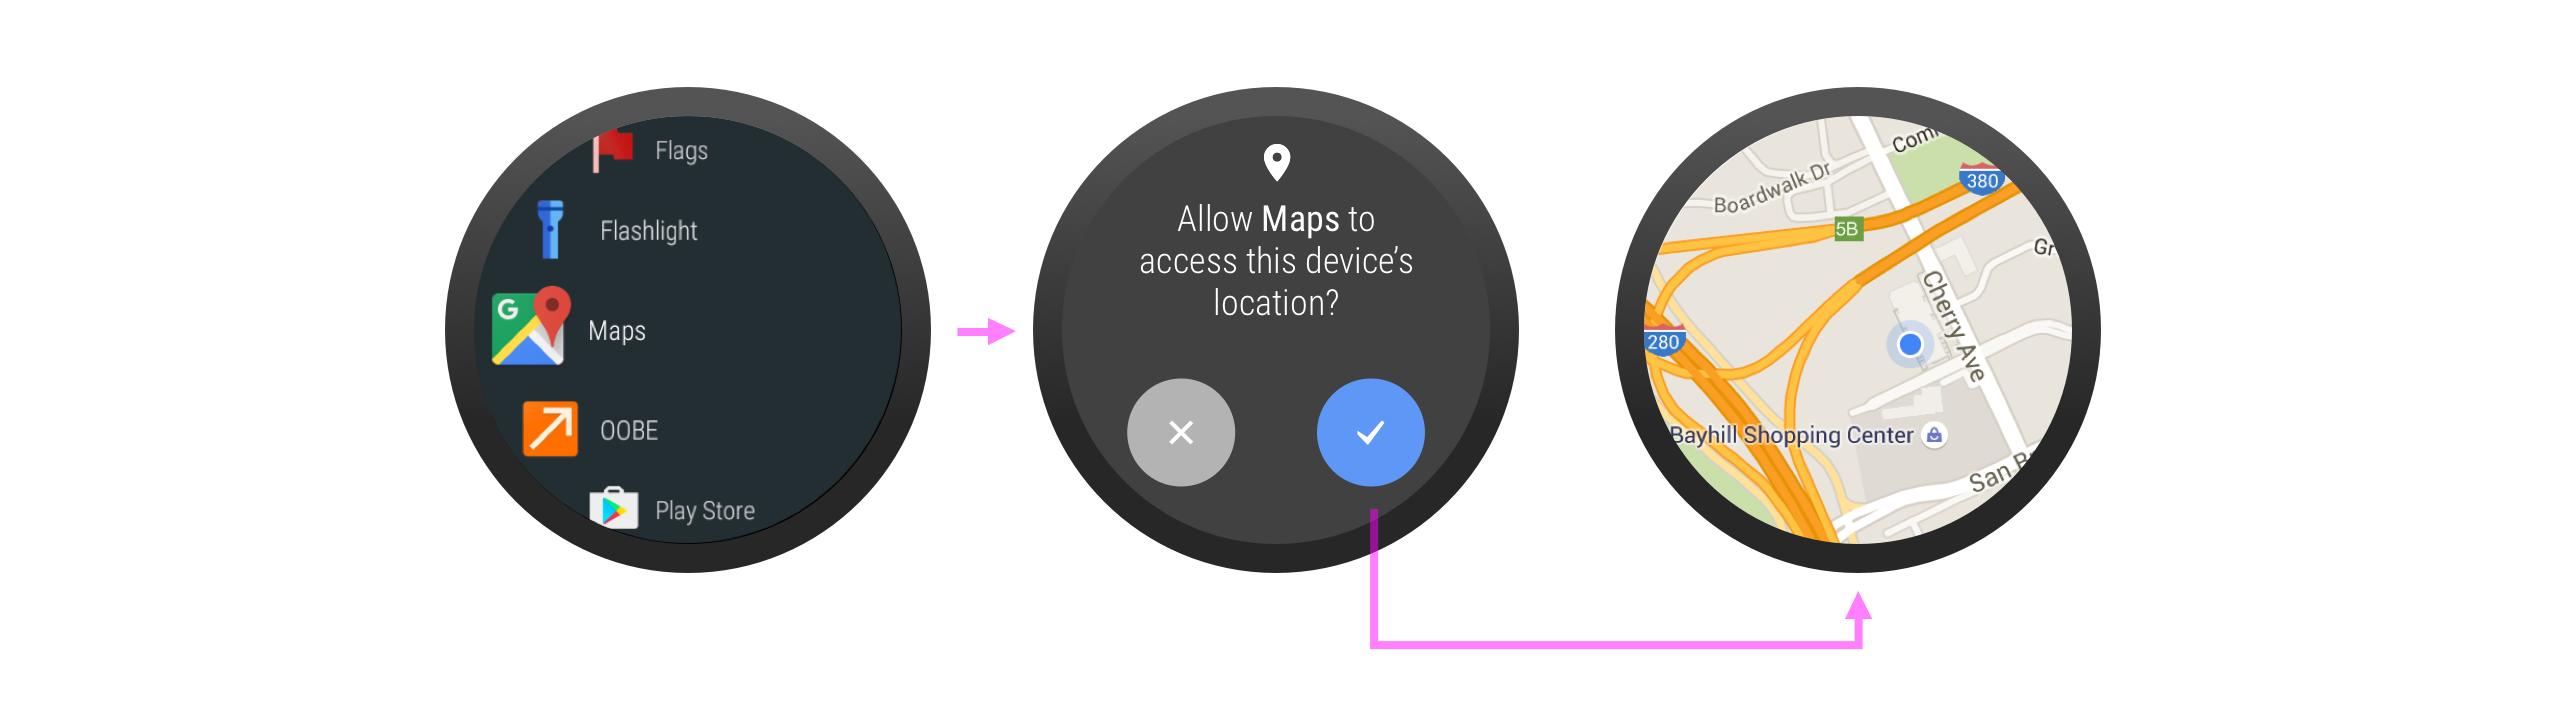 Si resulta obvio que la app necesita un permiso para ejecutarse, puede solicitarlo de inmediato durante el inicio.